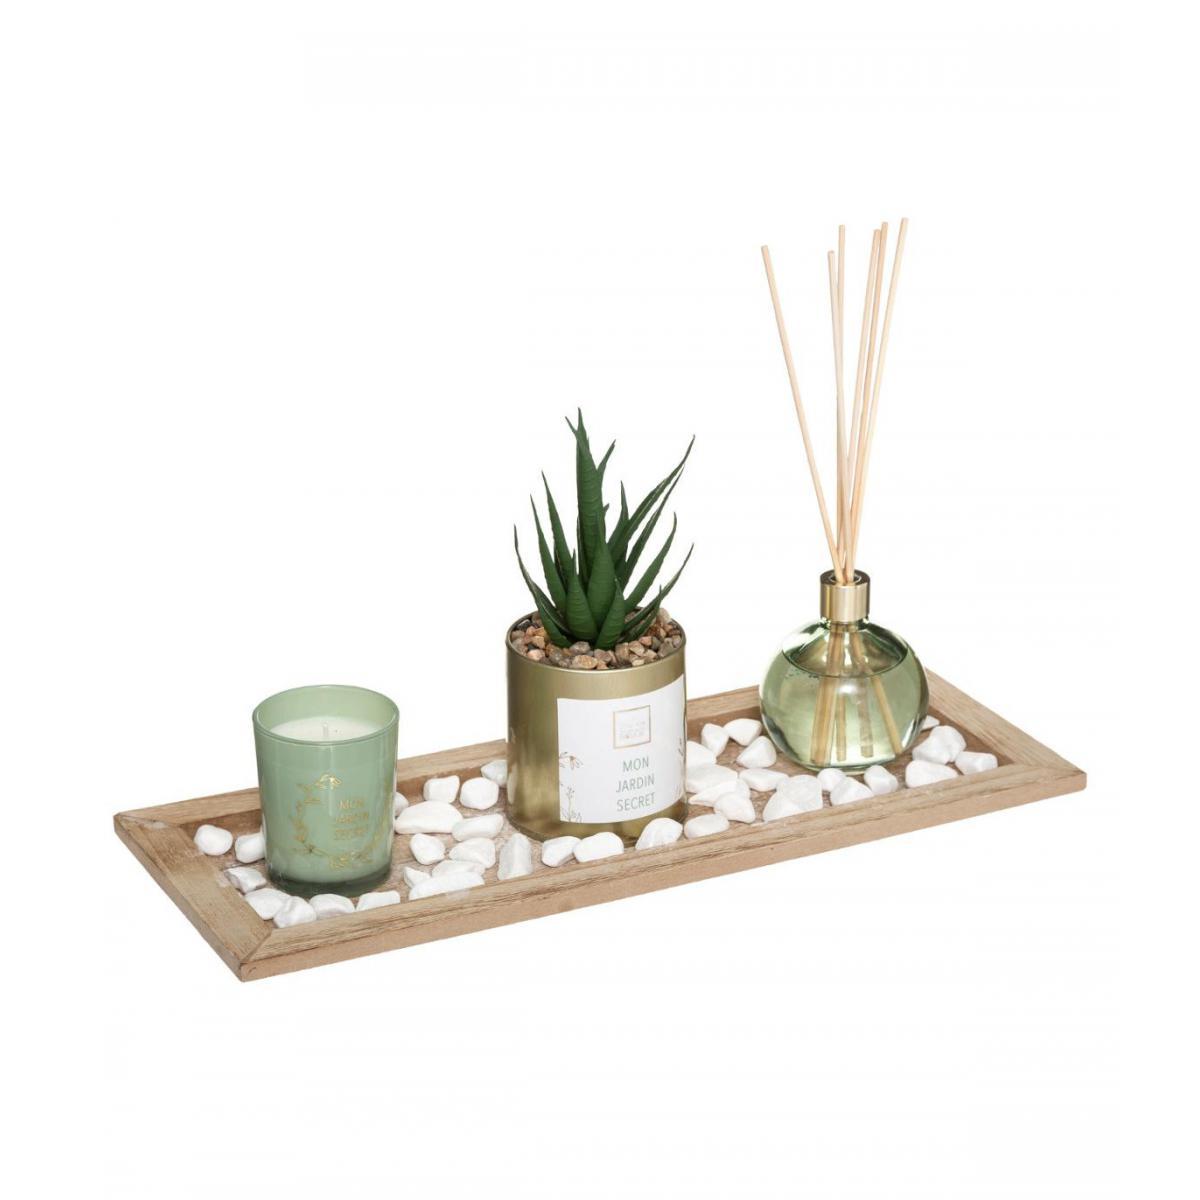 Atmosphera, Createur D'Interie Atmosphera - Coffret Senteur Eucalyptus Plateau, Diffuseur, Bougie, Cactus et accessoires